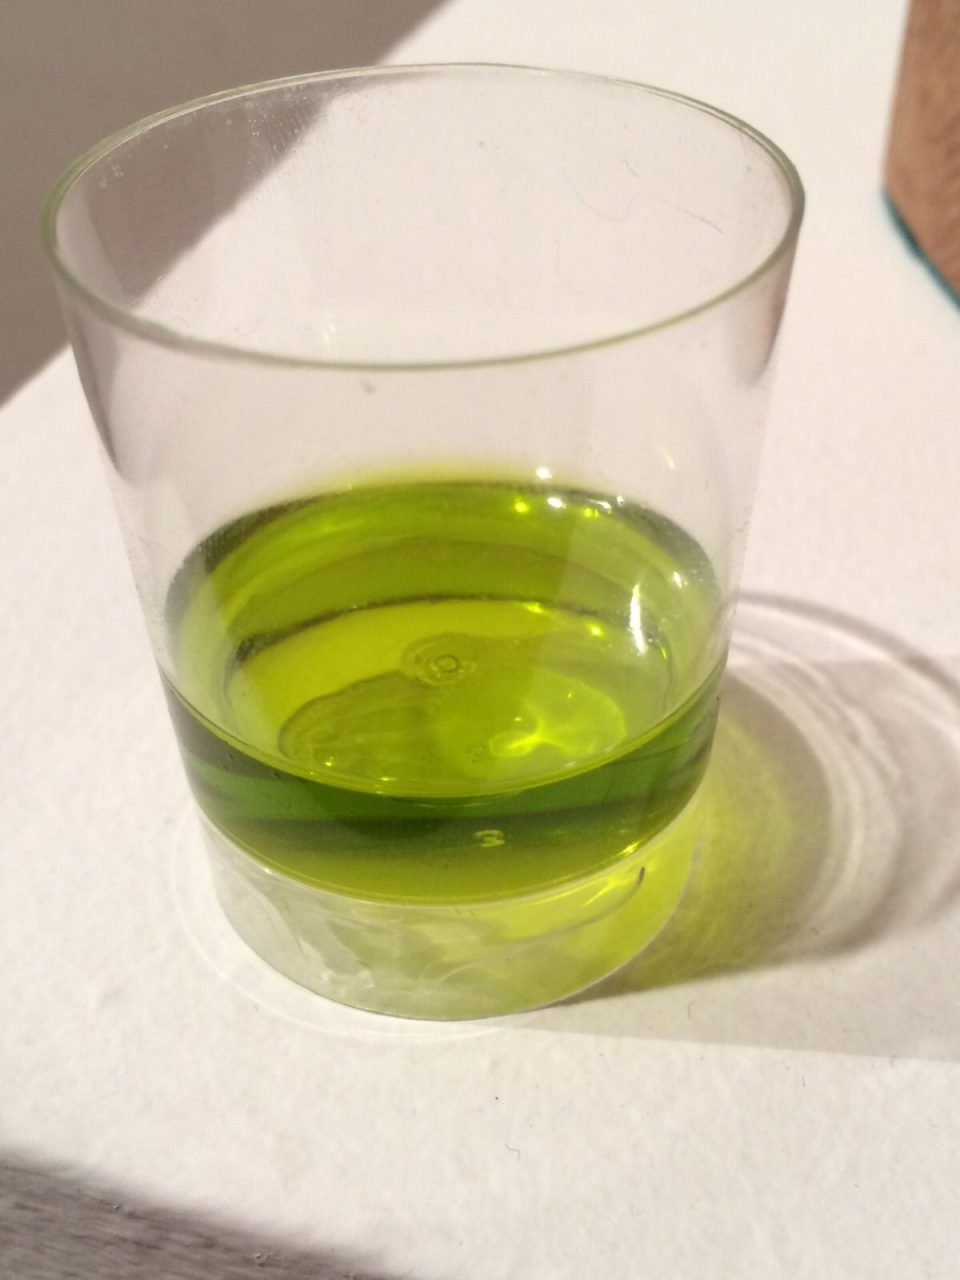 La UNIA organiza una jornada sobre aceite de oliva virgen extra de cosecha temprana